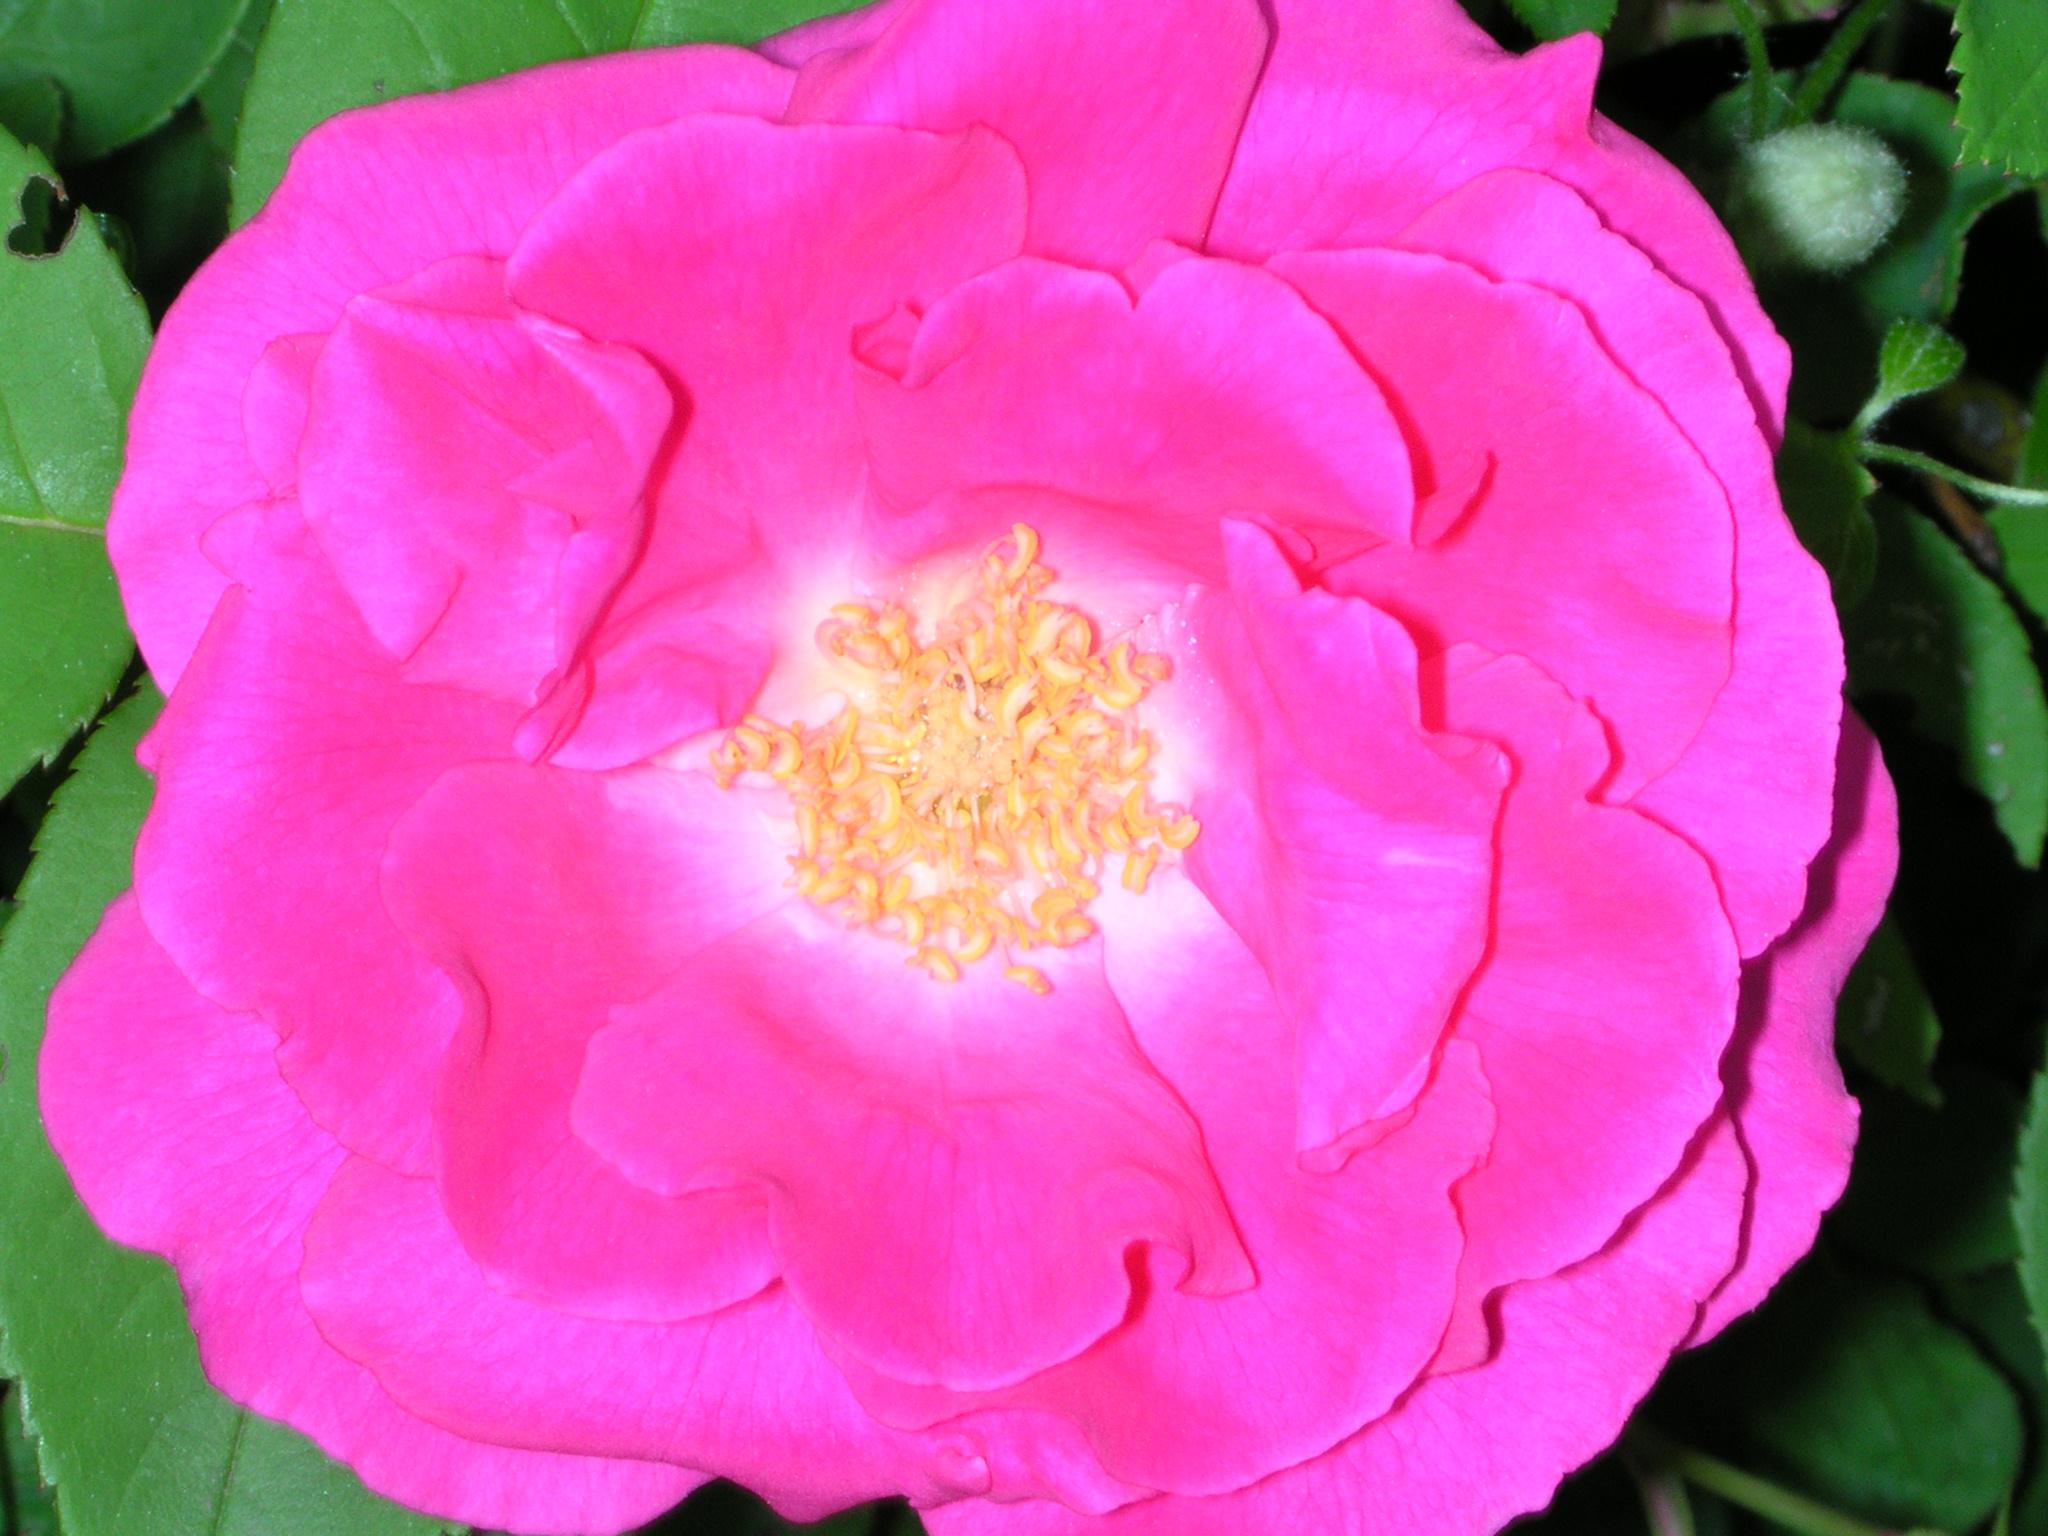 Closeup image of blooming pink rose